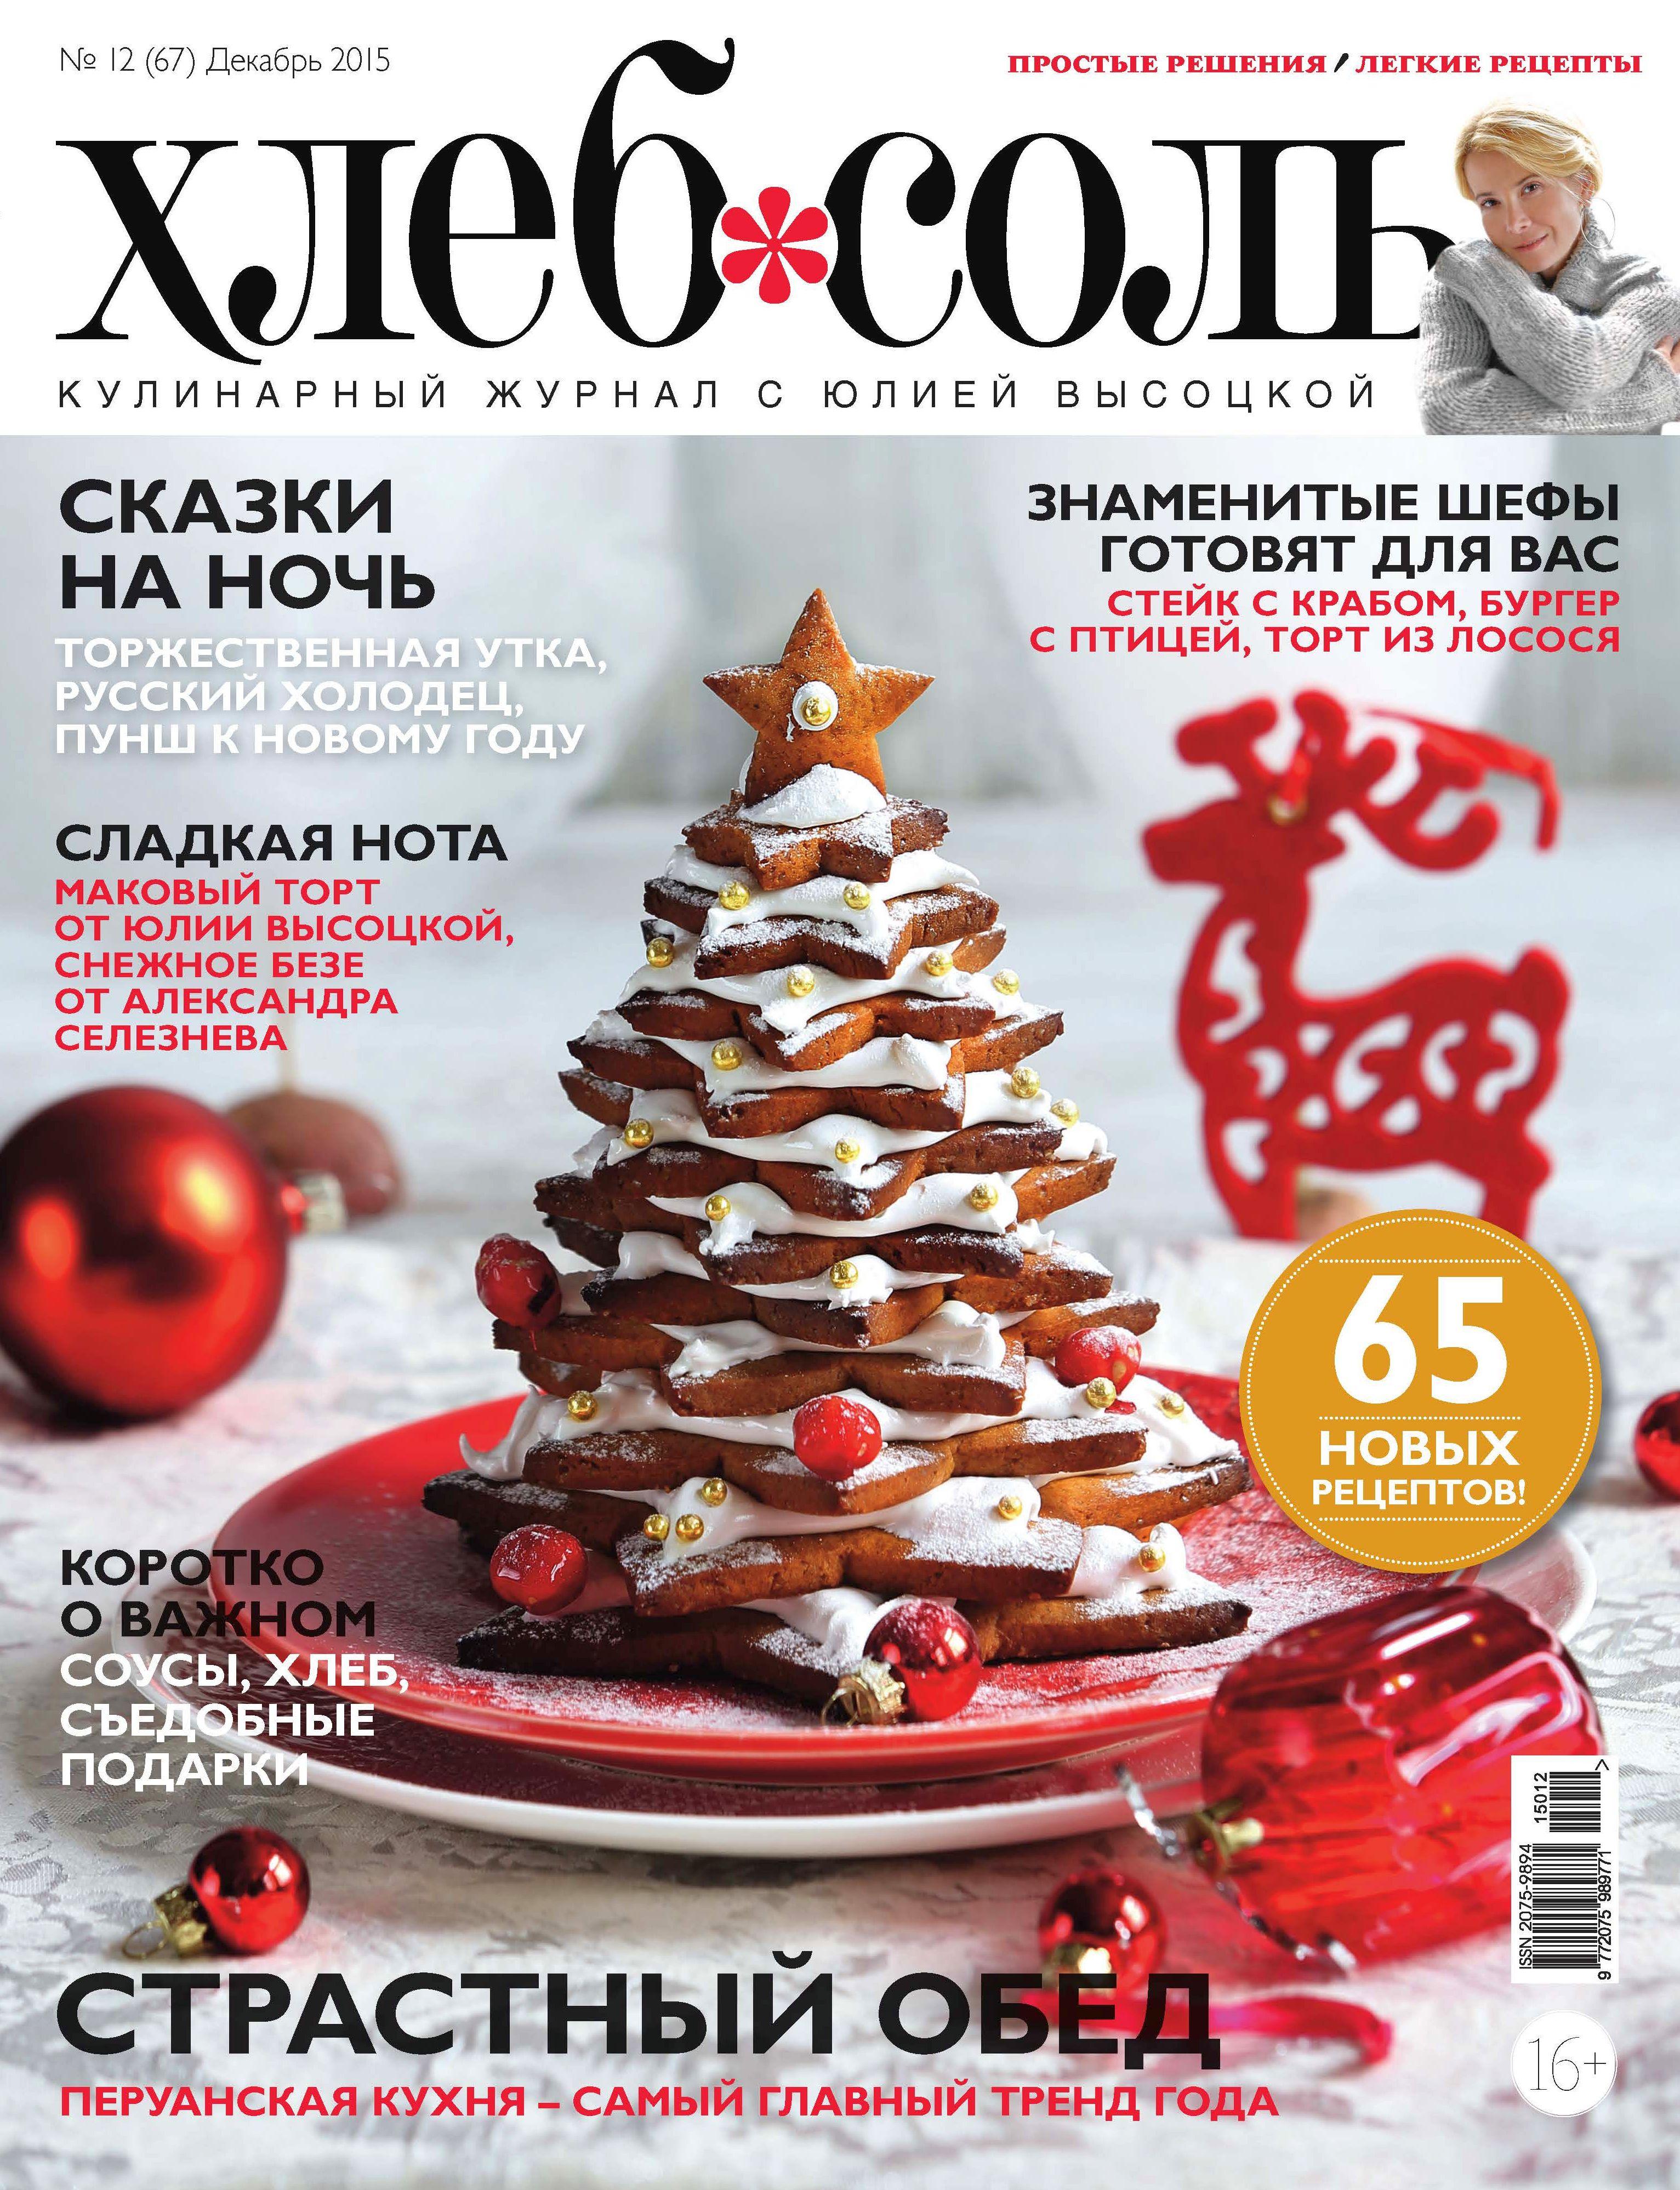 Журнал ХлебСоль №12 декабрь 2015 г. отсутствует хлебсоль кулинарный журнал с юлией высоцкой 03 март 2016